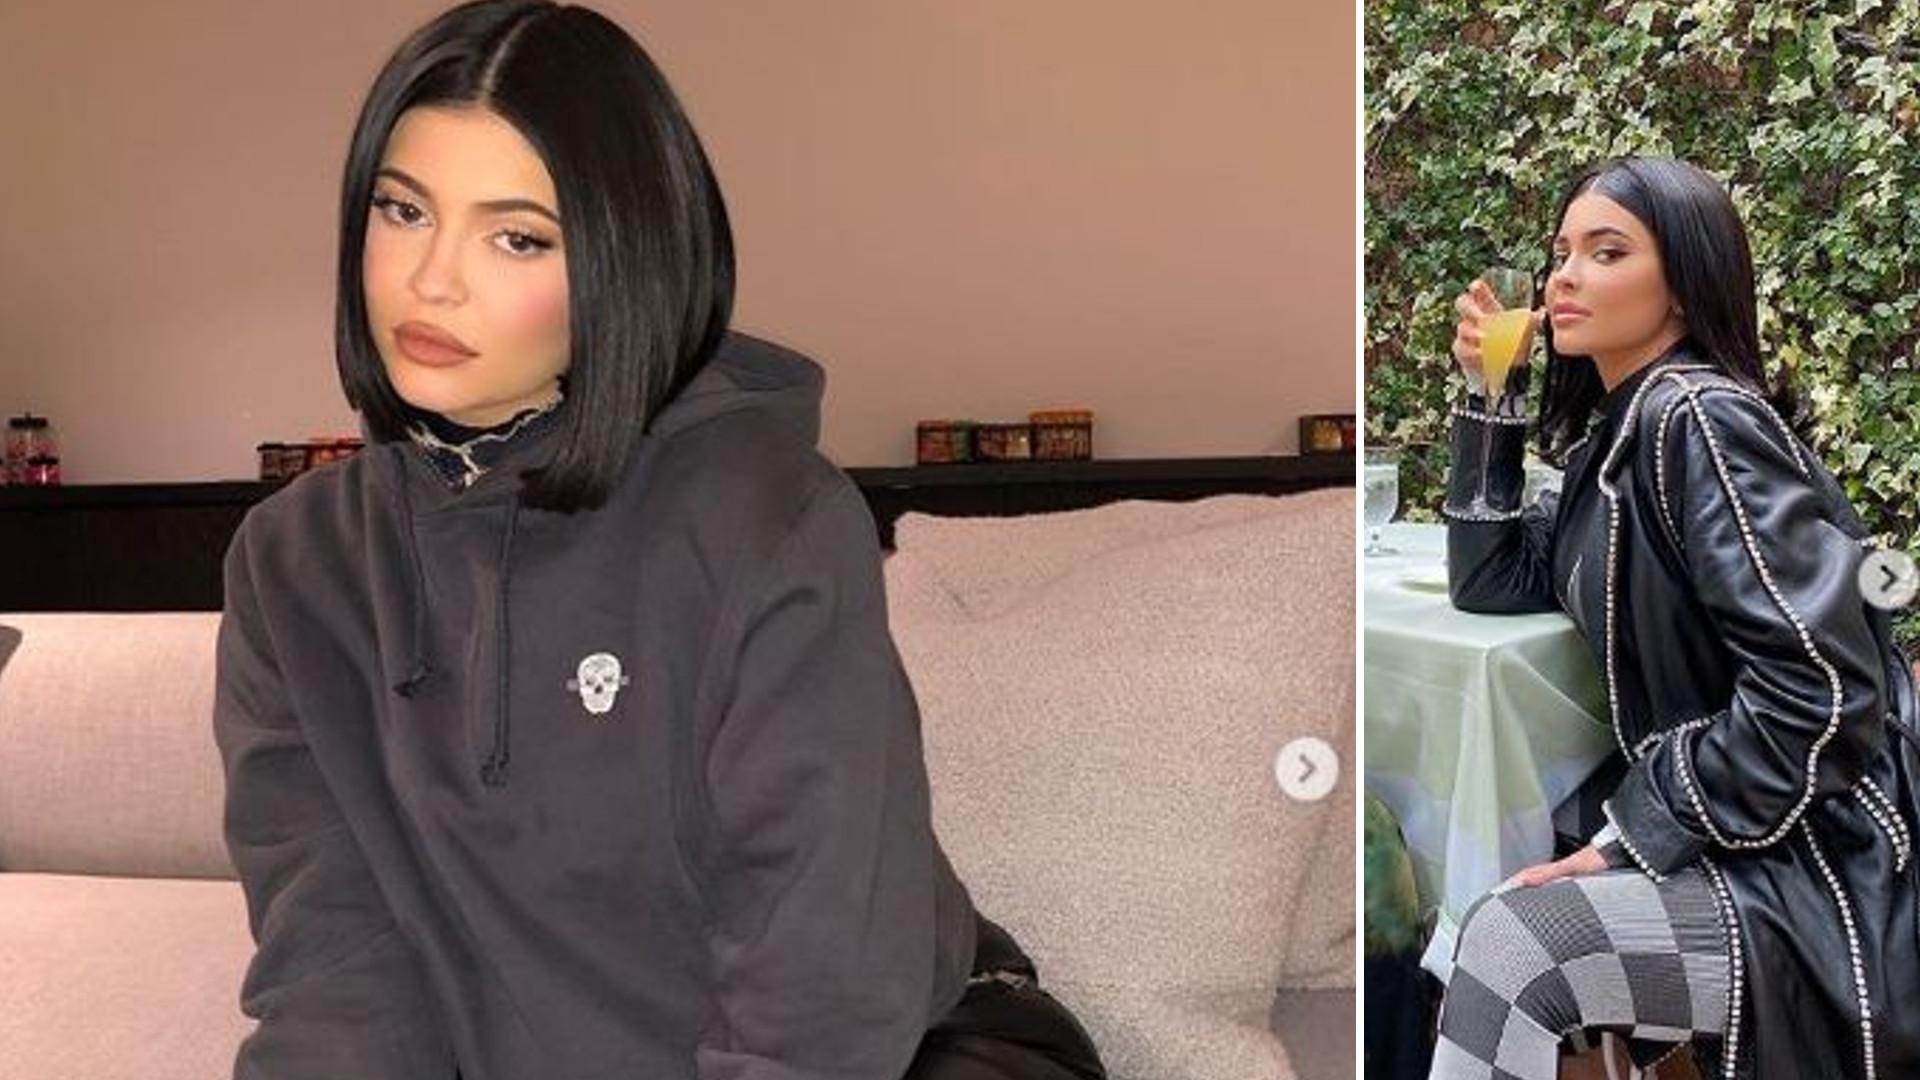 Zapomnijcie o białych kuchniach! Kylie Jenner lansuje NOWY trend na KOLOR w kuchni